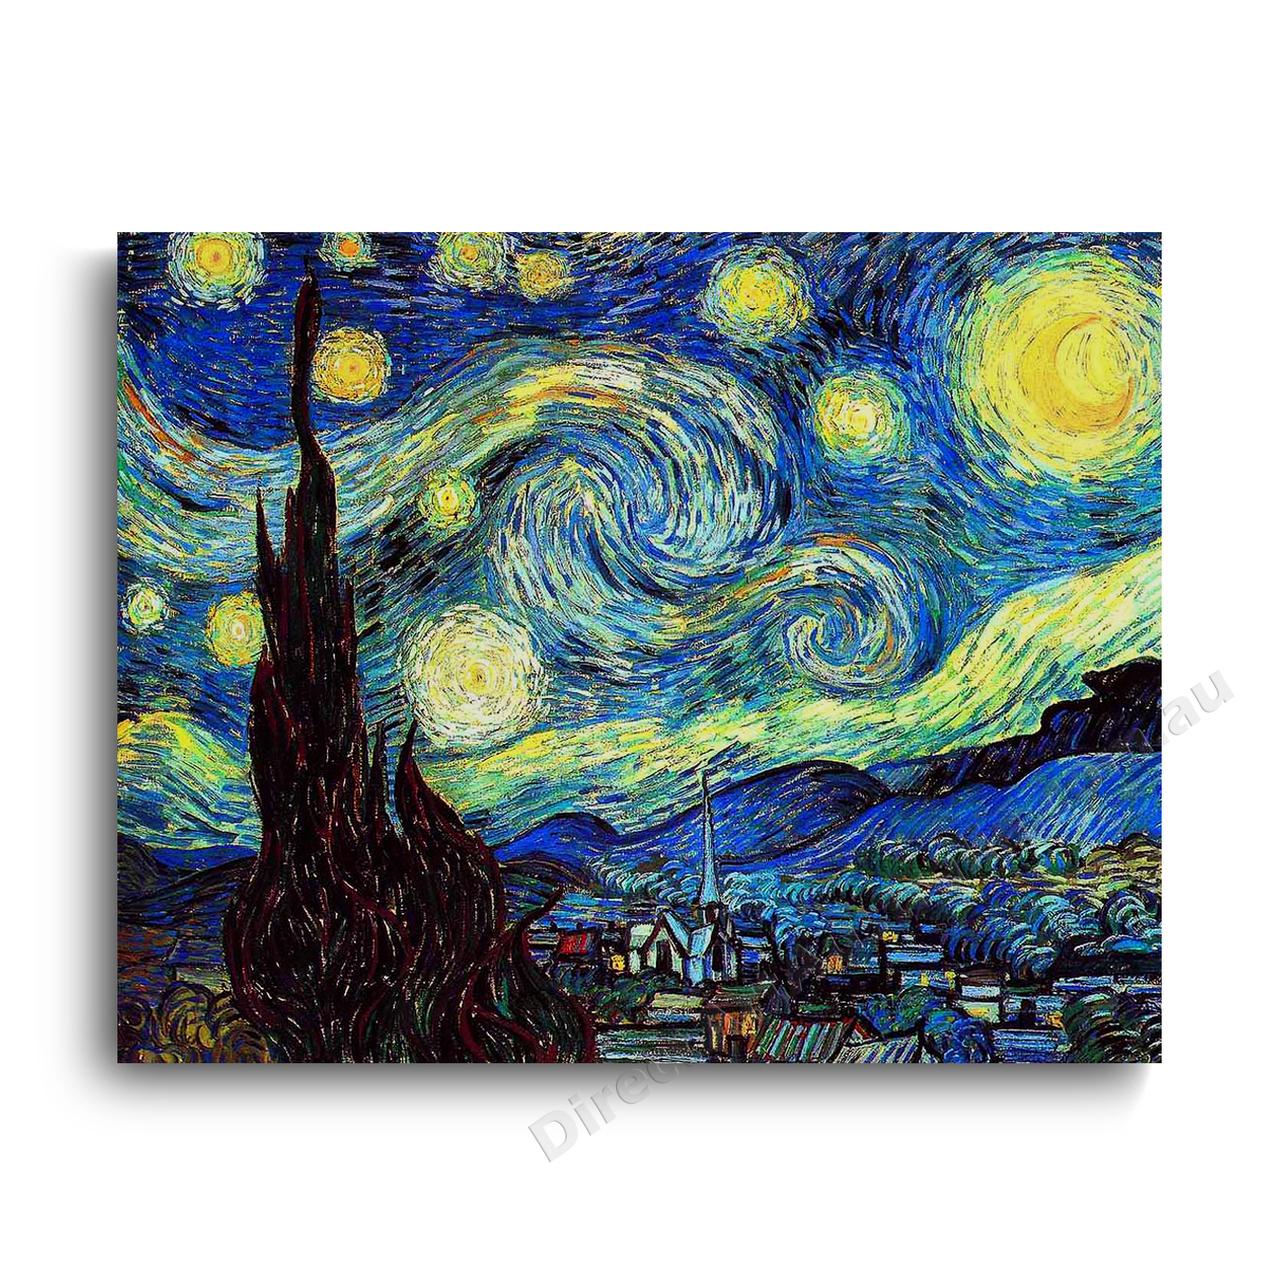 3f29c73efe87 ... Vangogh Paintings · Vincent Van Gogh